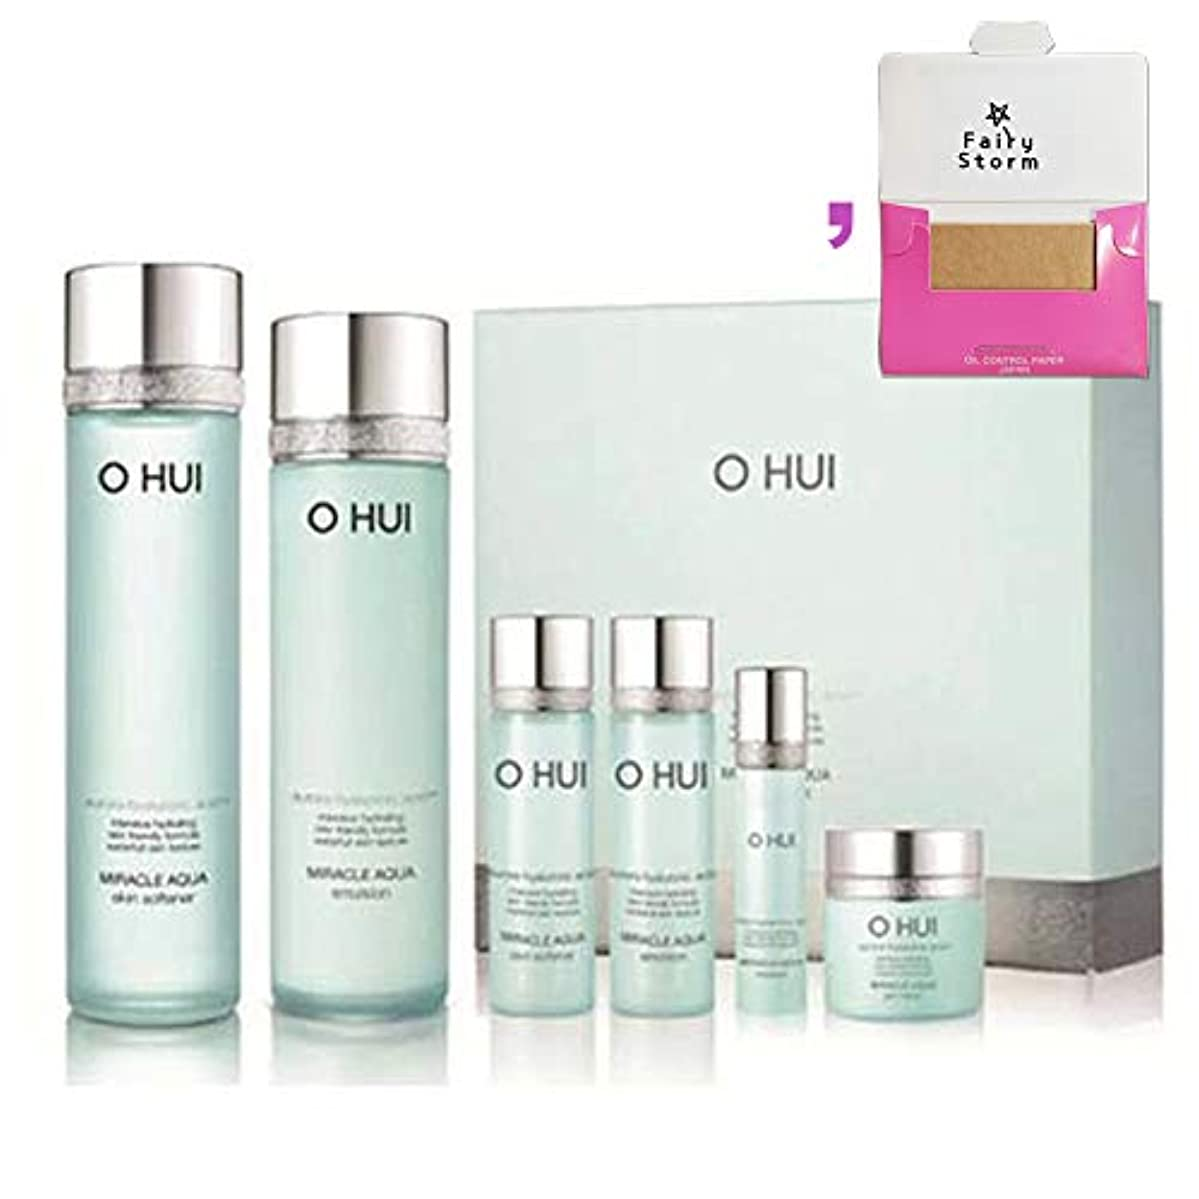 傀儡軽資本[オフィ/O HUI]韓国化粧品LG生活健康/O HUI MIRACLE AQUA SPECIAL 2EA SET/ミラクルアクア 2種セット+[Sample Gift](海外直送品)